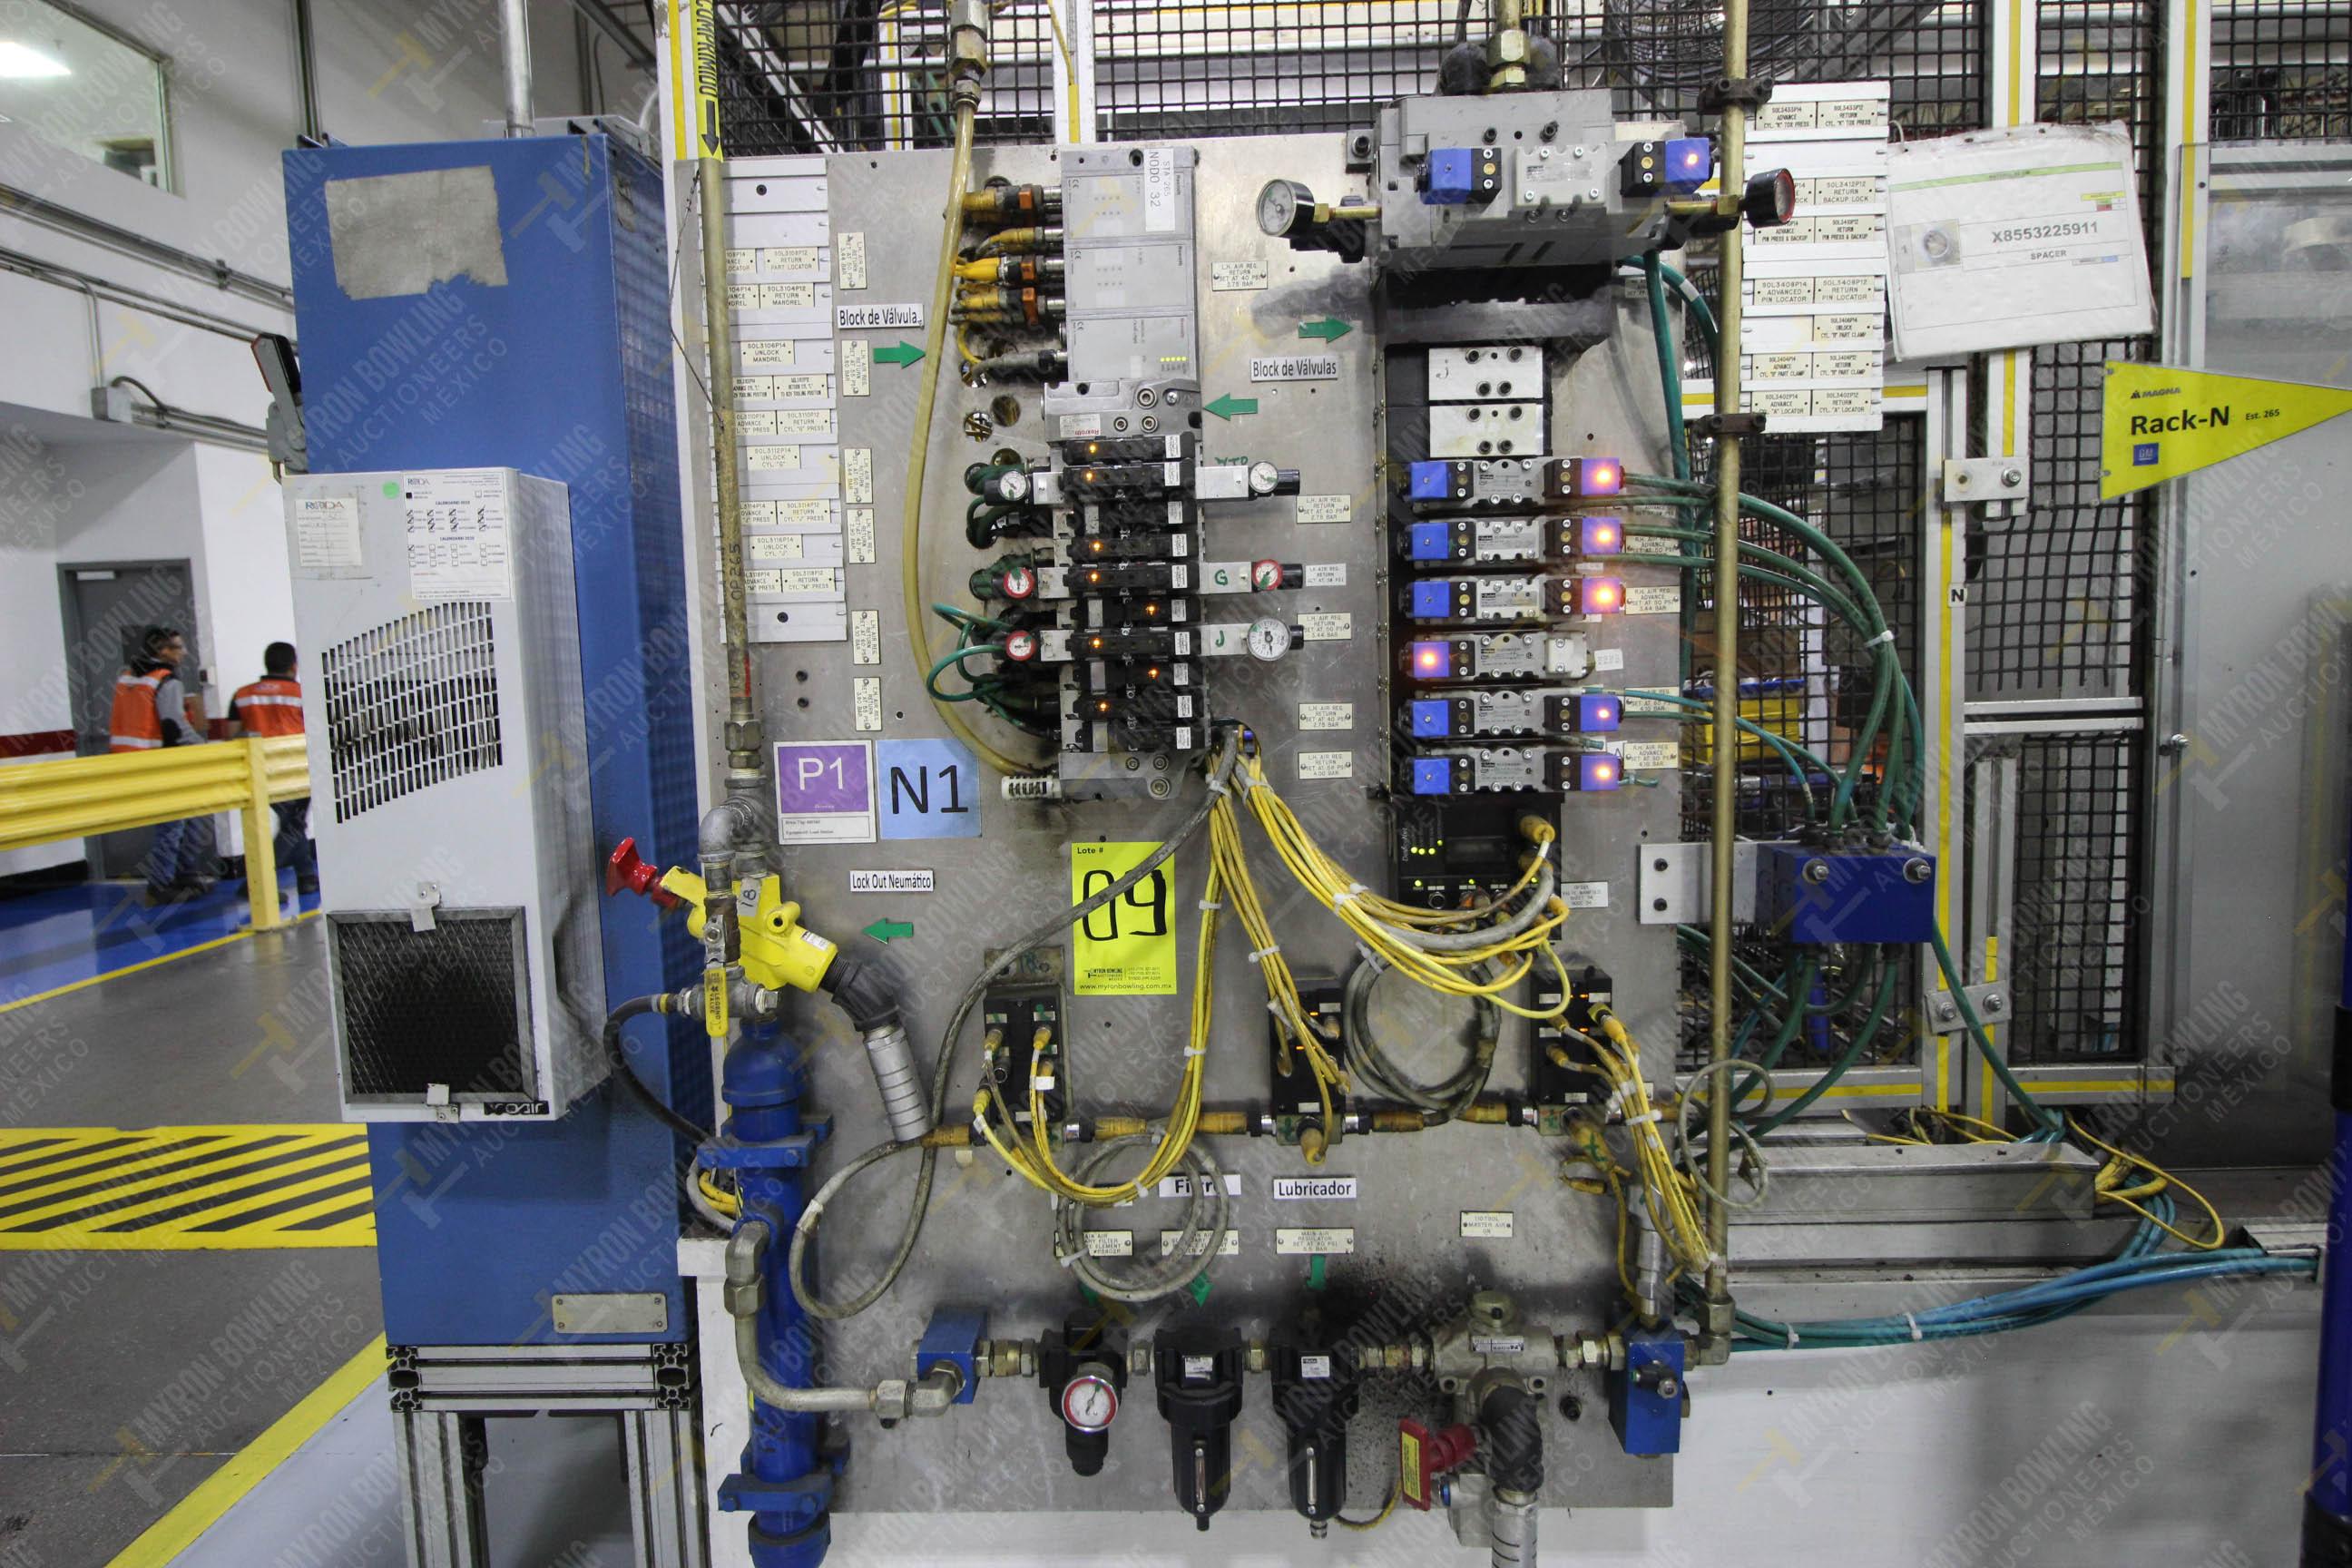 Estación semiautomática para operación 265A y 265B de ensamble de resorte, candado y ponchado - Image 12 of 30